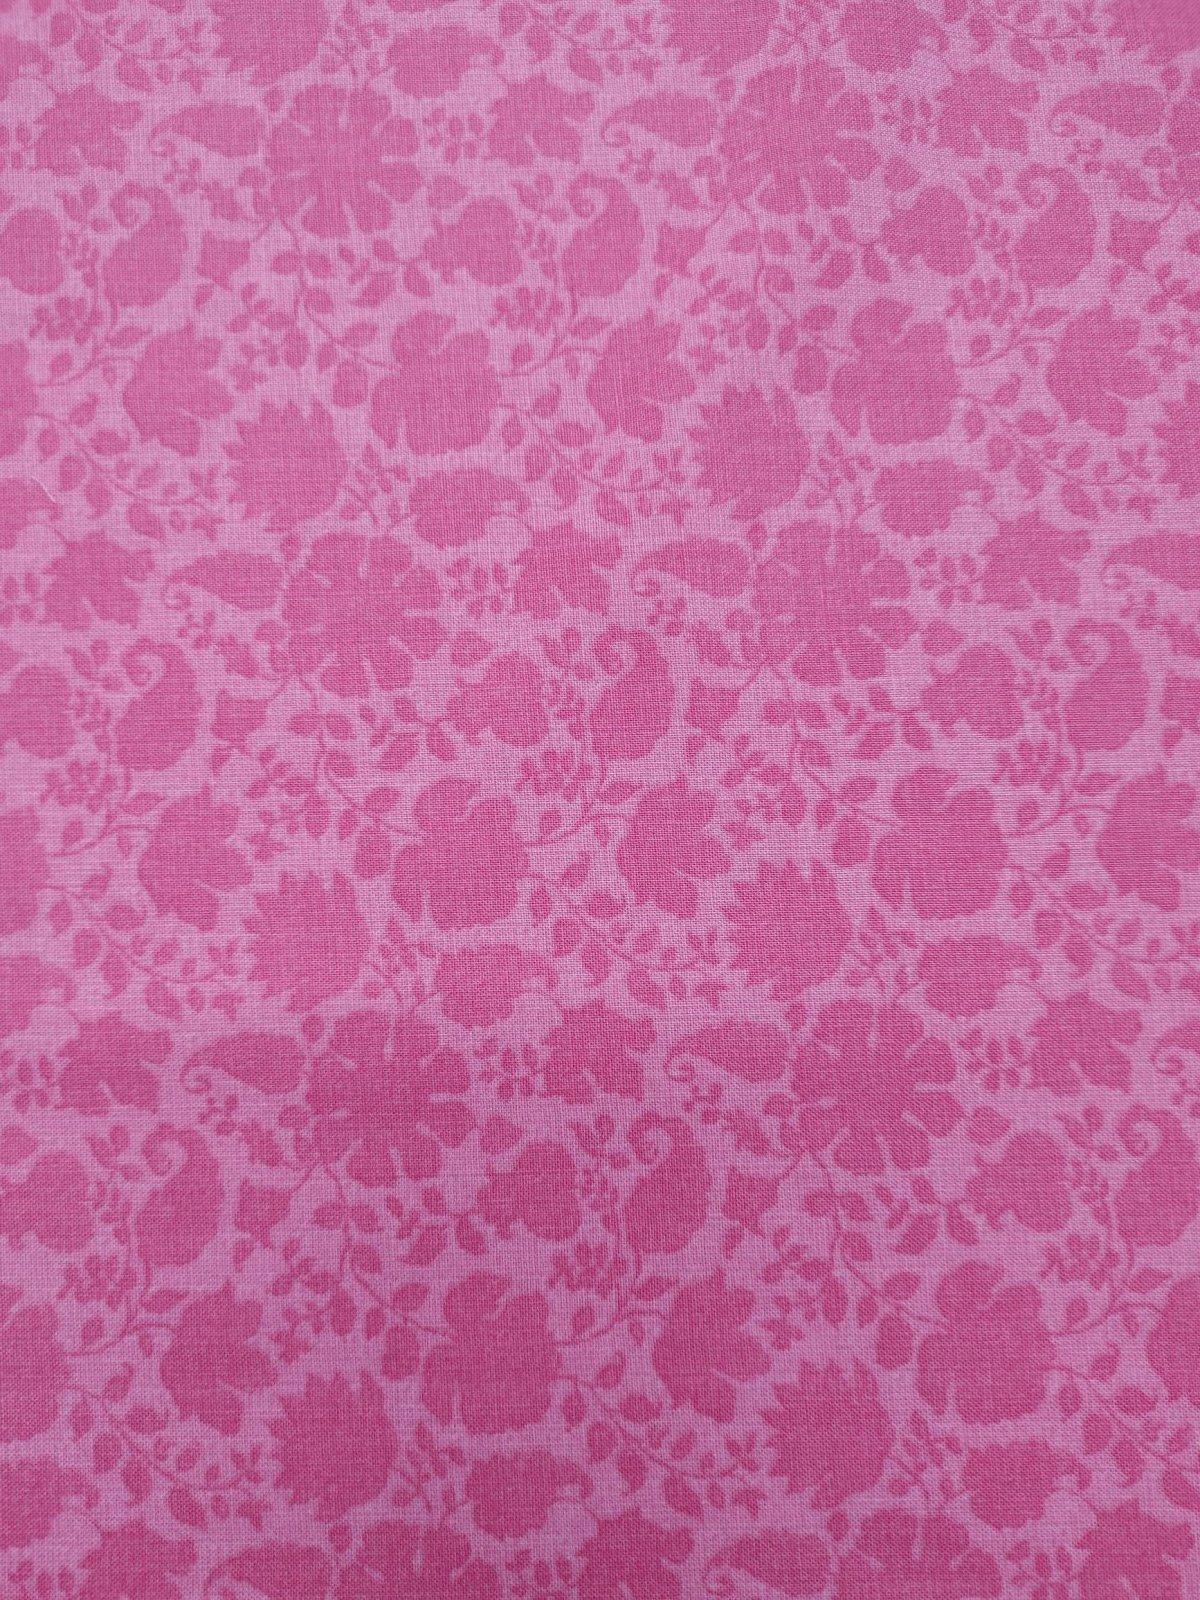 Pink Garden - Pink Floral